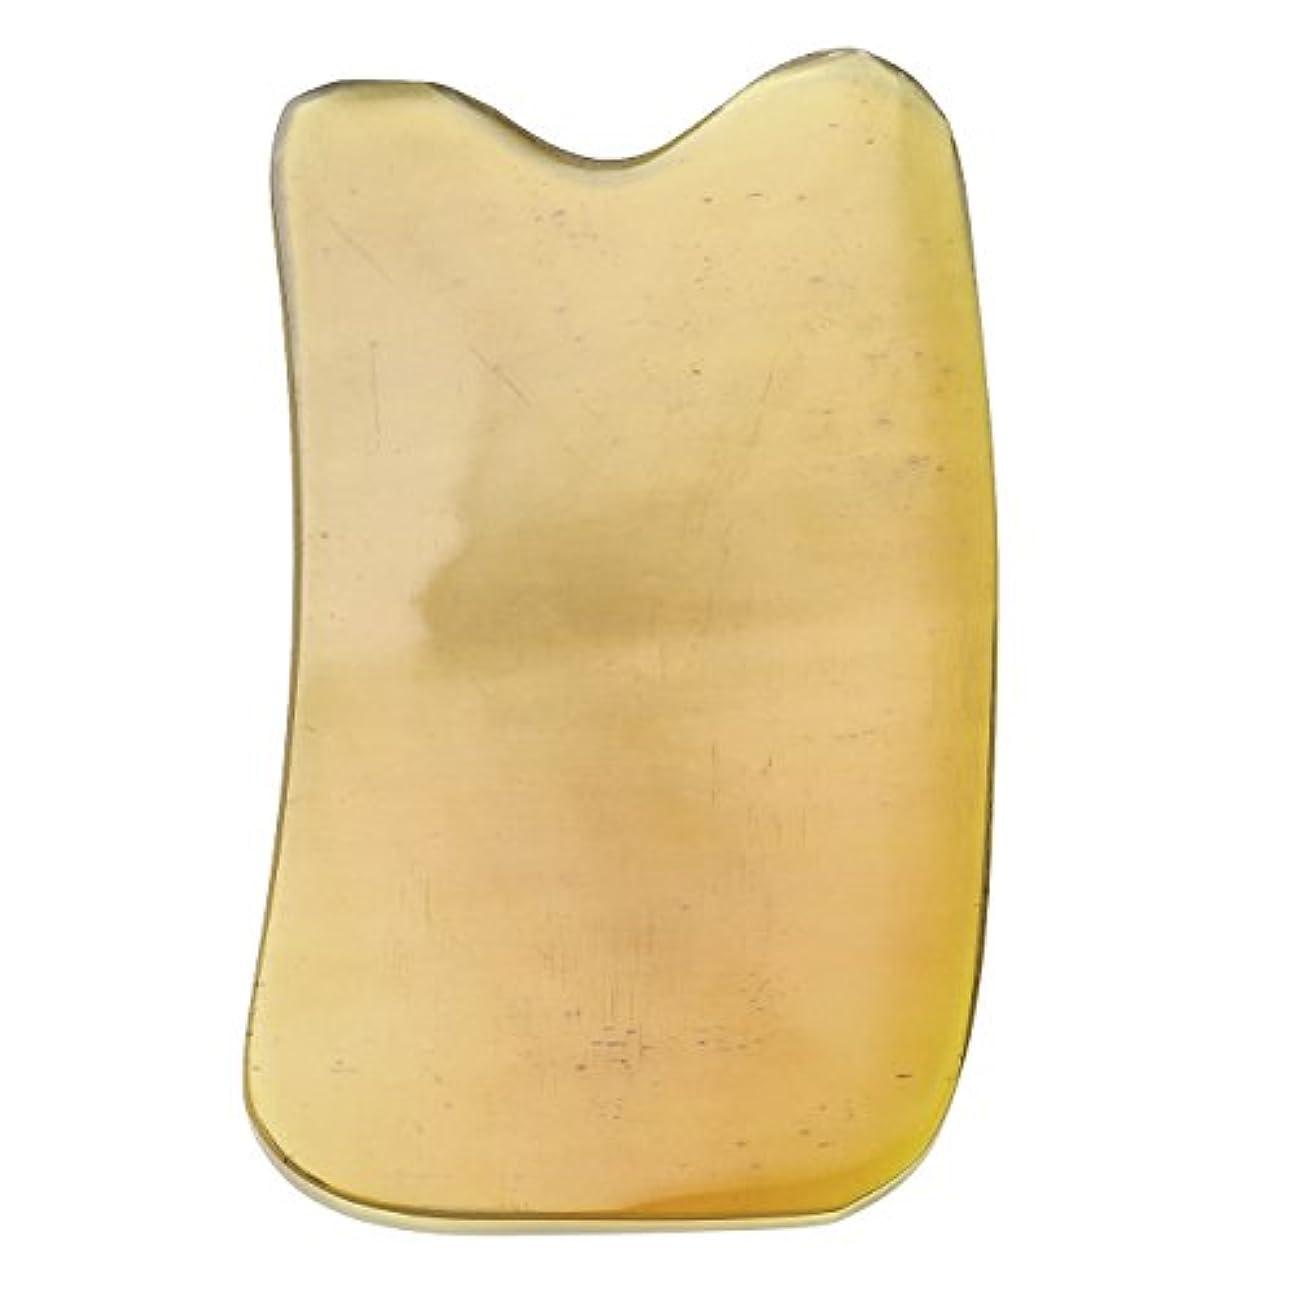 ルーキー伝導率クロスJovivi Mak カッサリフトプレート 黄色 牛角 パワーストーン カッサ板 美顔 カッサボード カッサマッサージ道具 ギフトバッグを提供 (凹形)